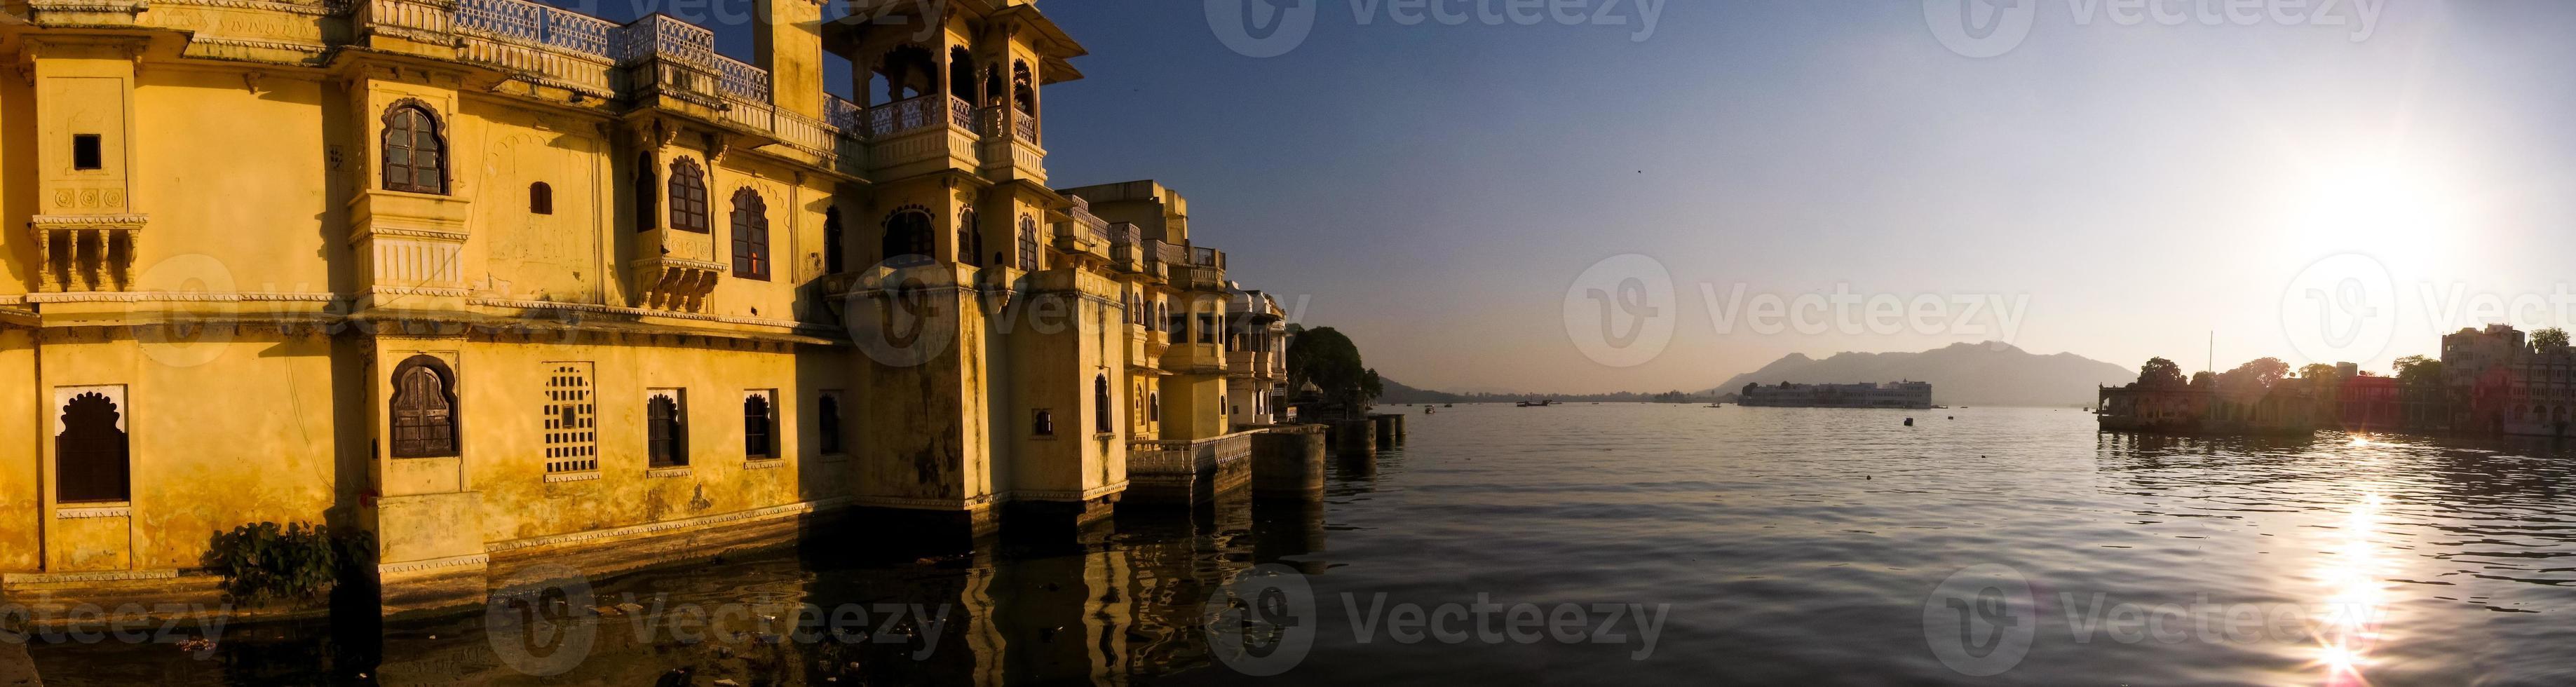 puesta de sol sobre el palacio y el lago foto